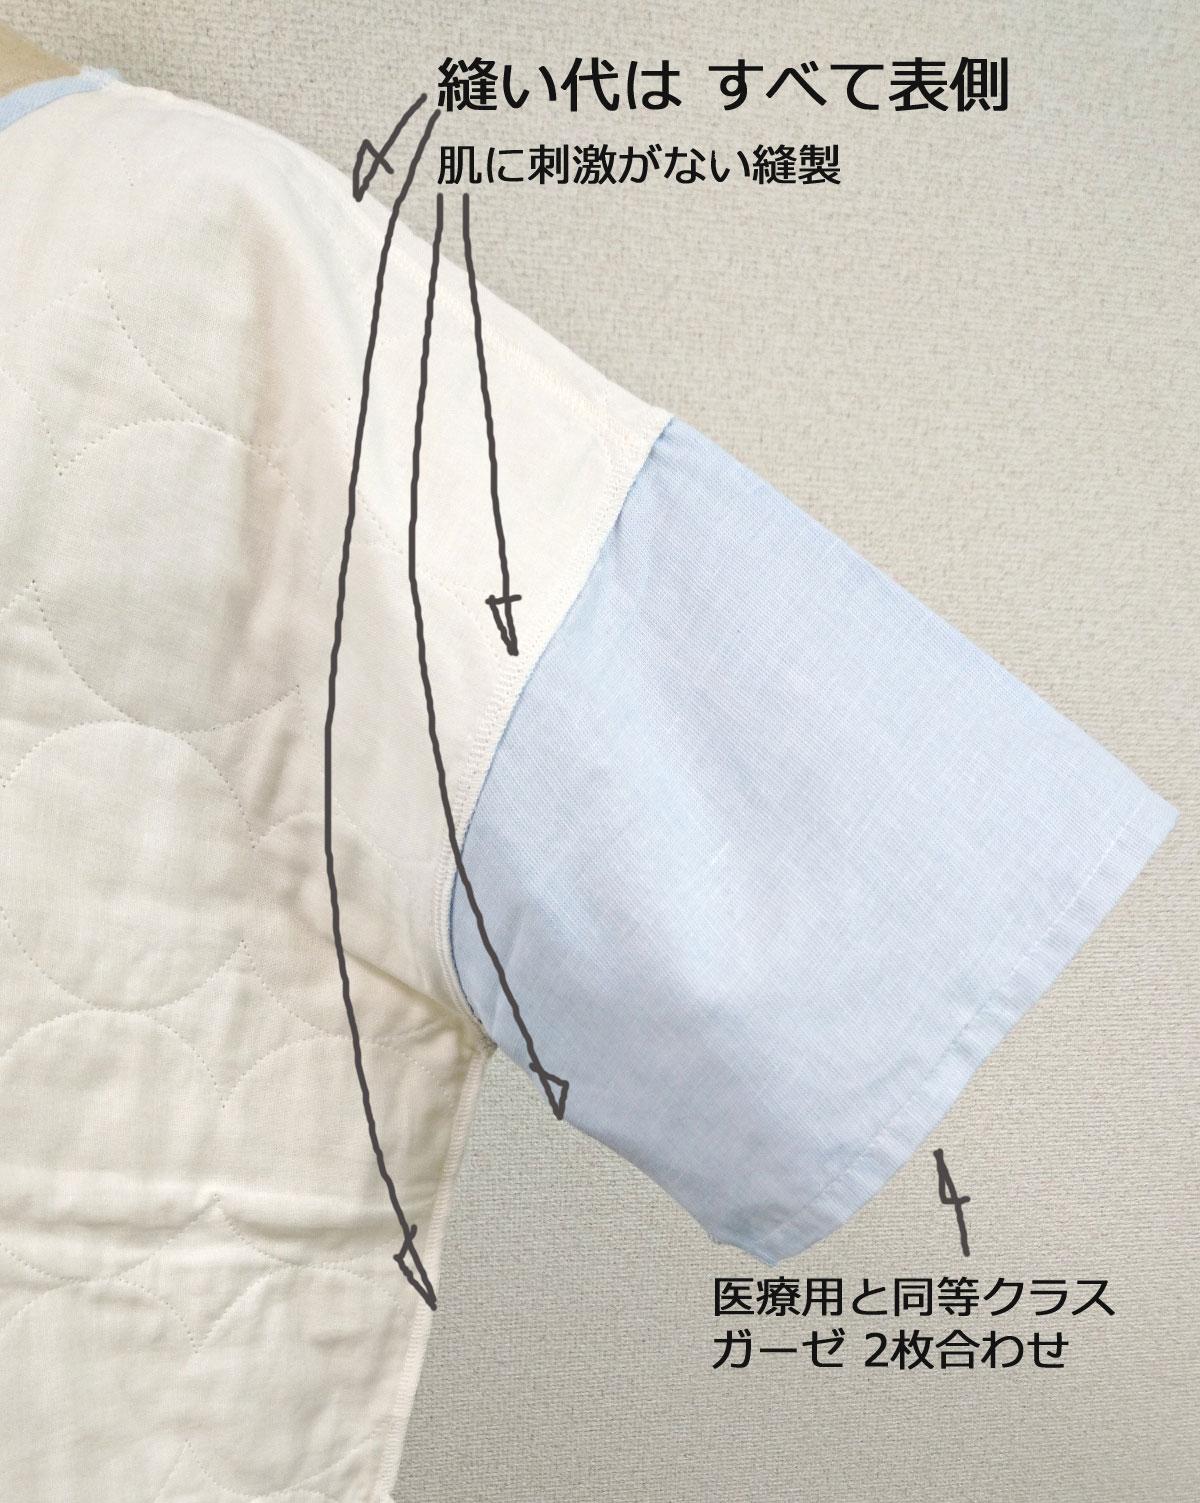 新 薄いパシーマ生地 リラックスウエア 部屋着 くつろぎウエア アトピー パジャマ 縫製方法